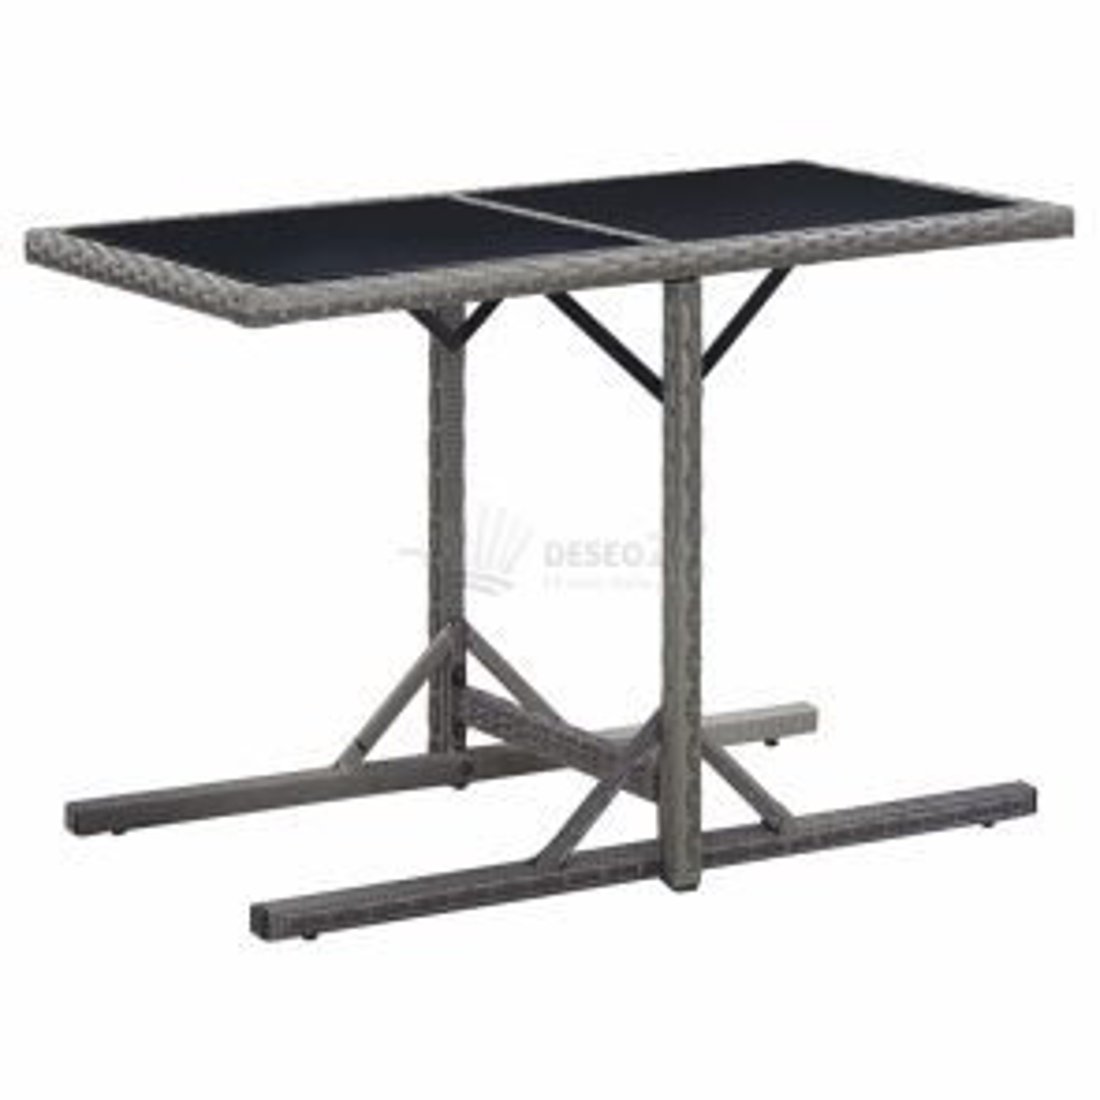 vidaXL Zahradní stůl antracitový 110 x 53 x 72 cm sklo a polyratan [46455]